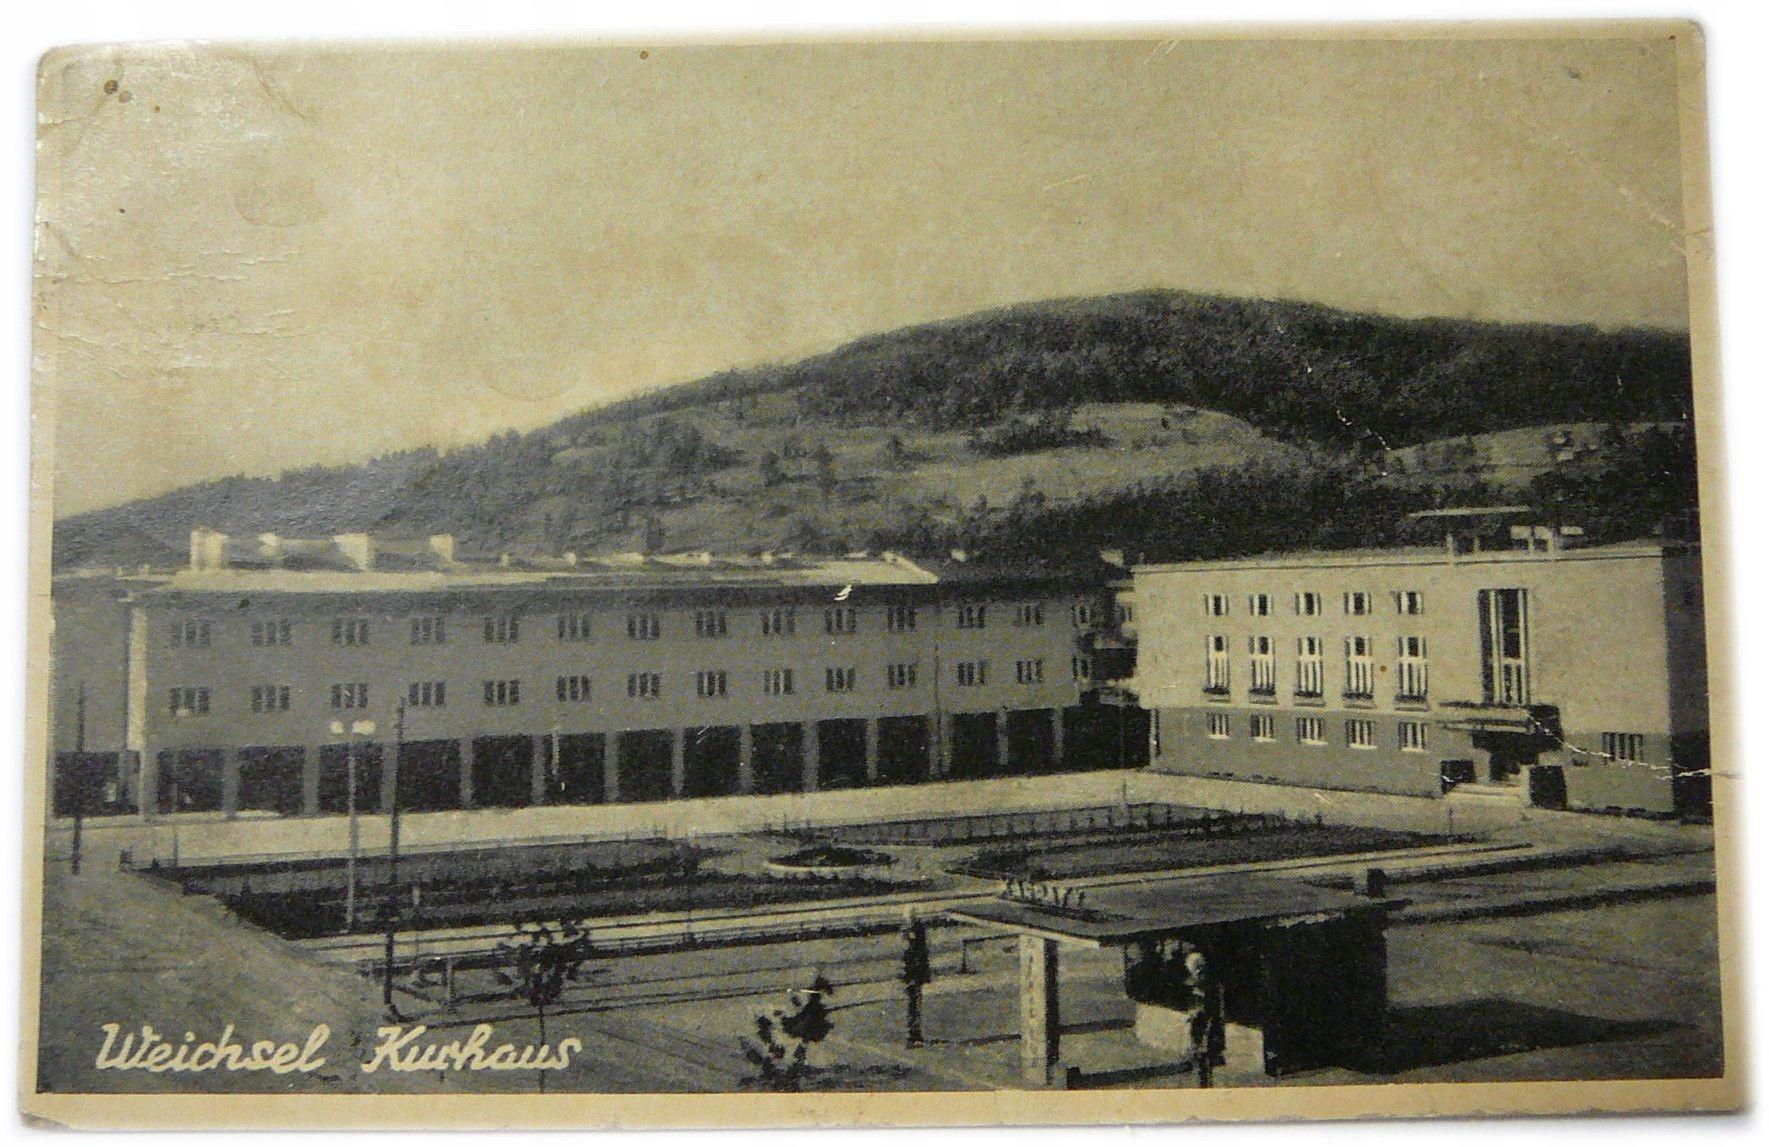 Weichel Kurhaus Wisła 1944 pohľadnice